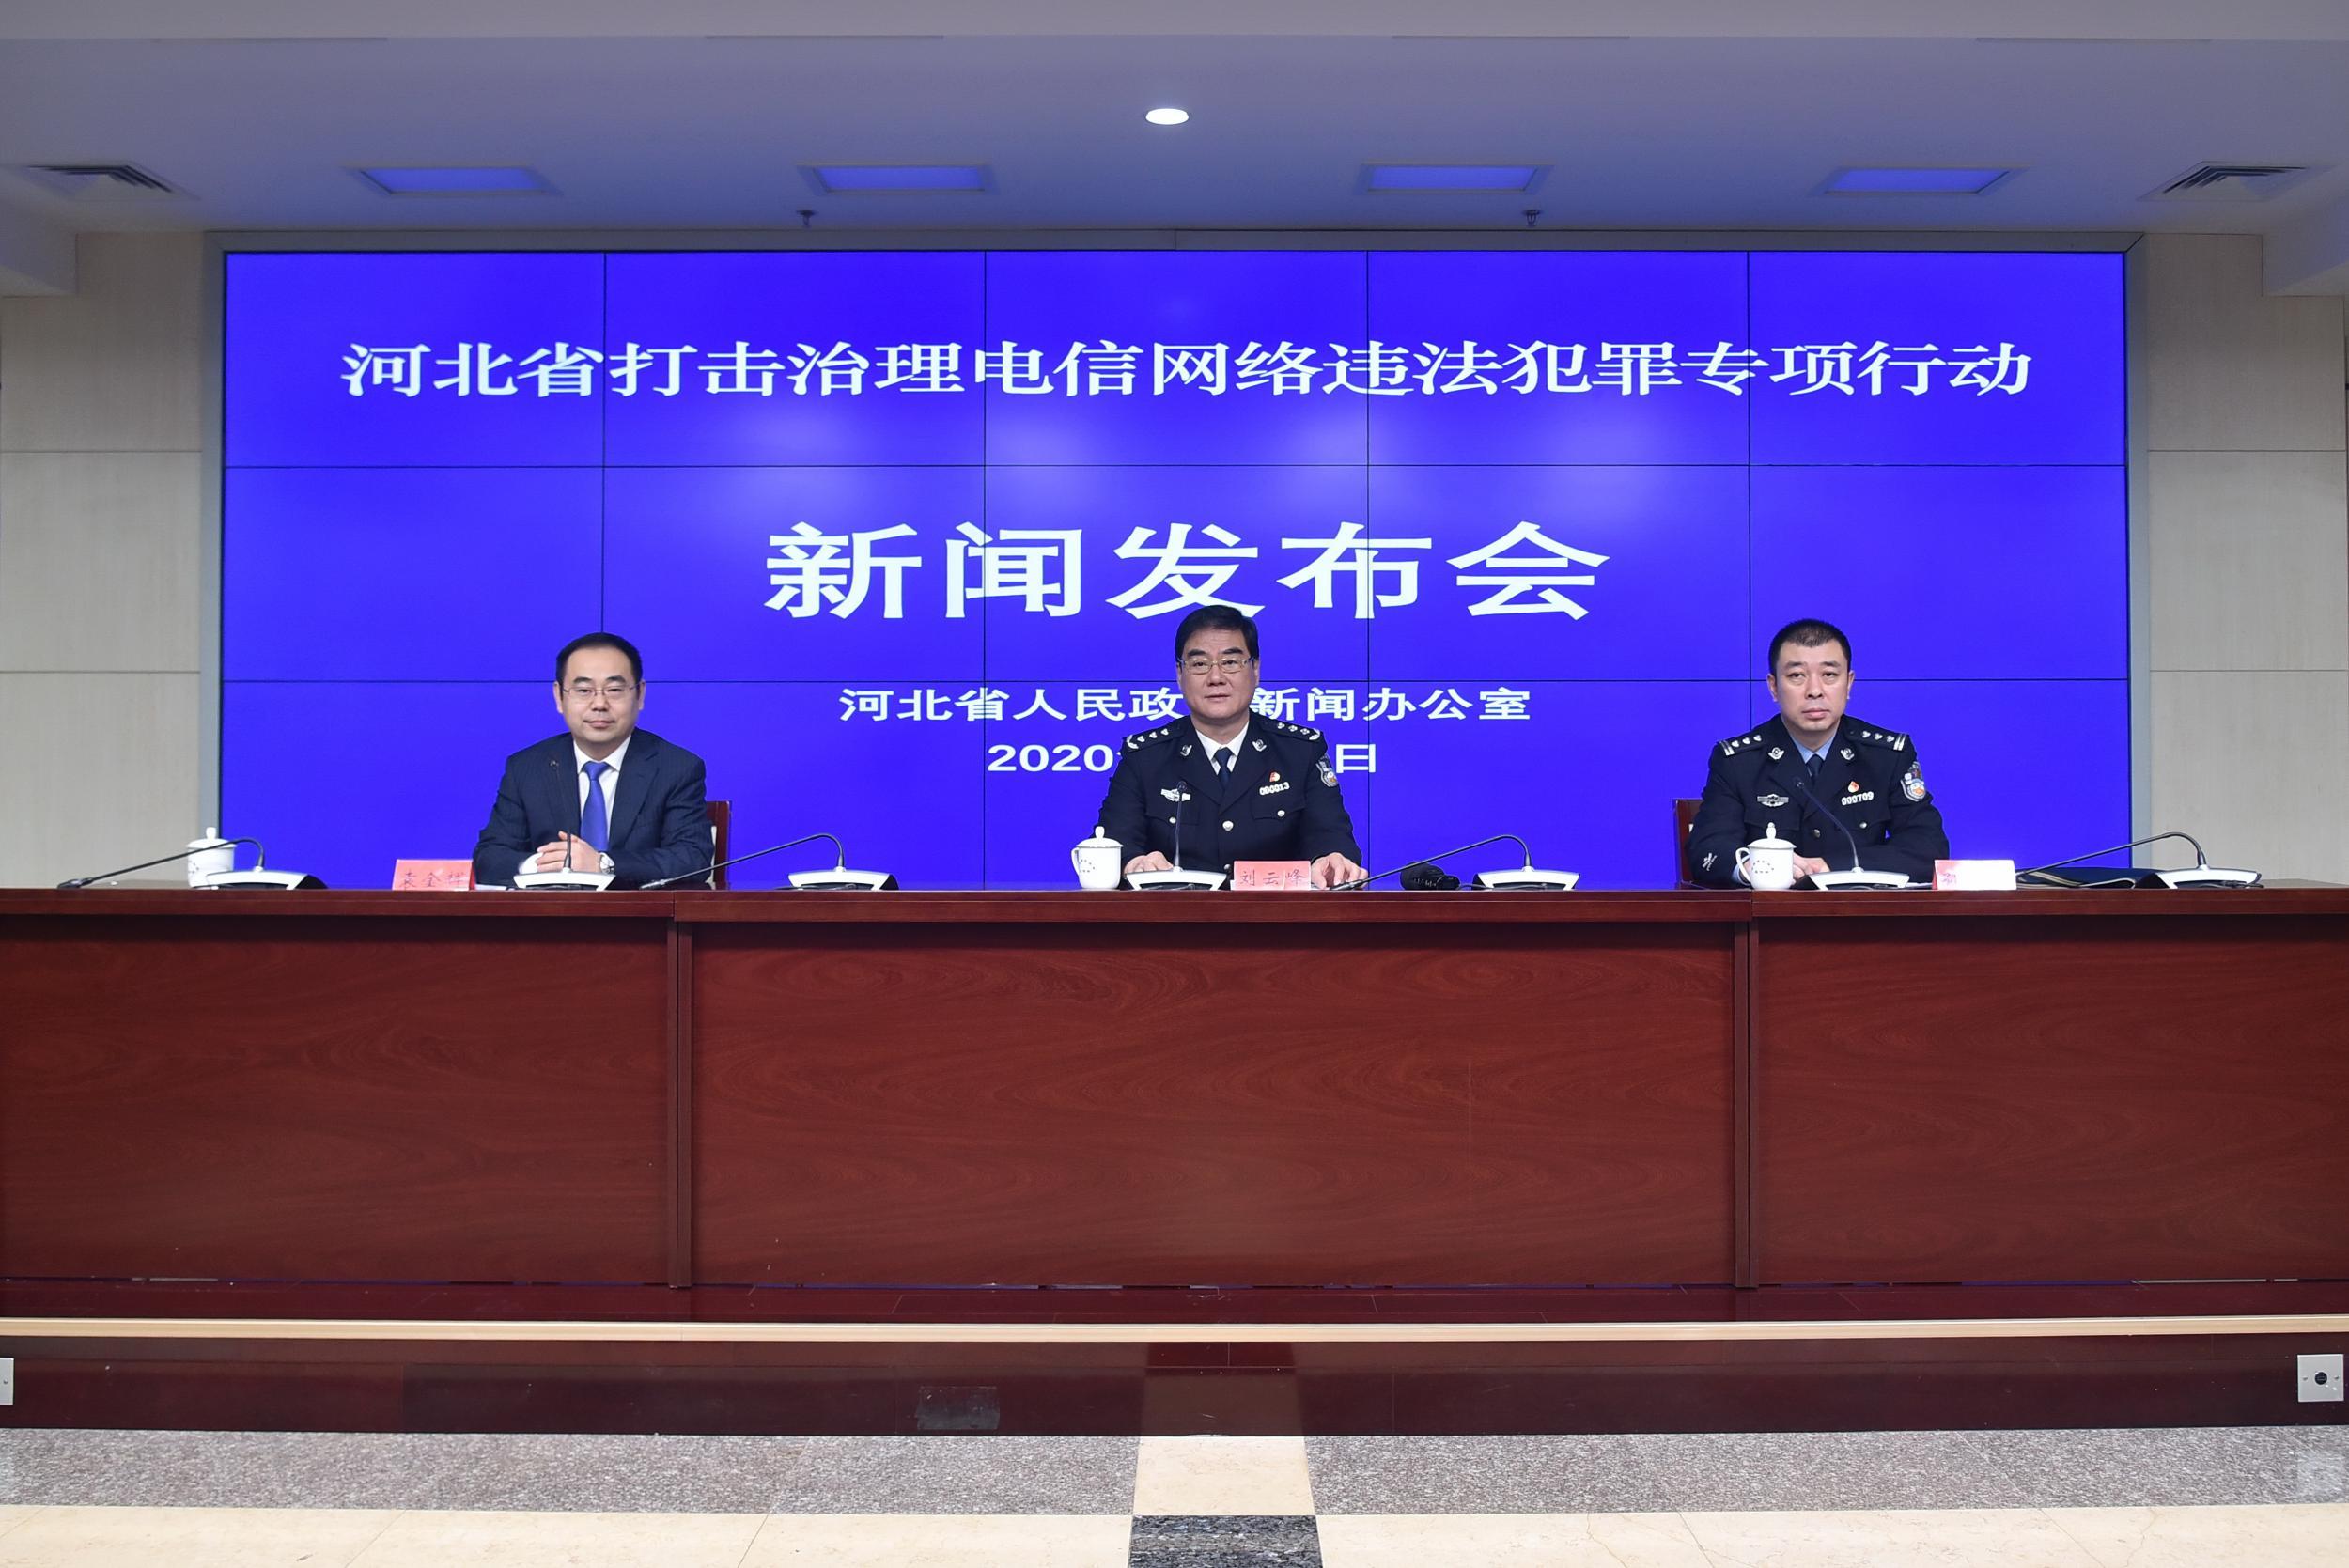 河北省打击治理电信网络违法犯罪专项行动